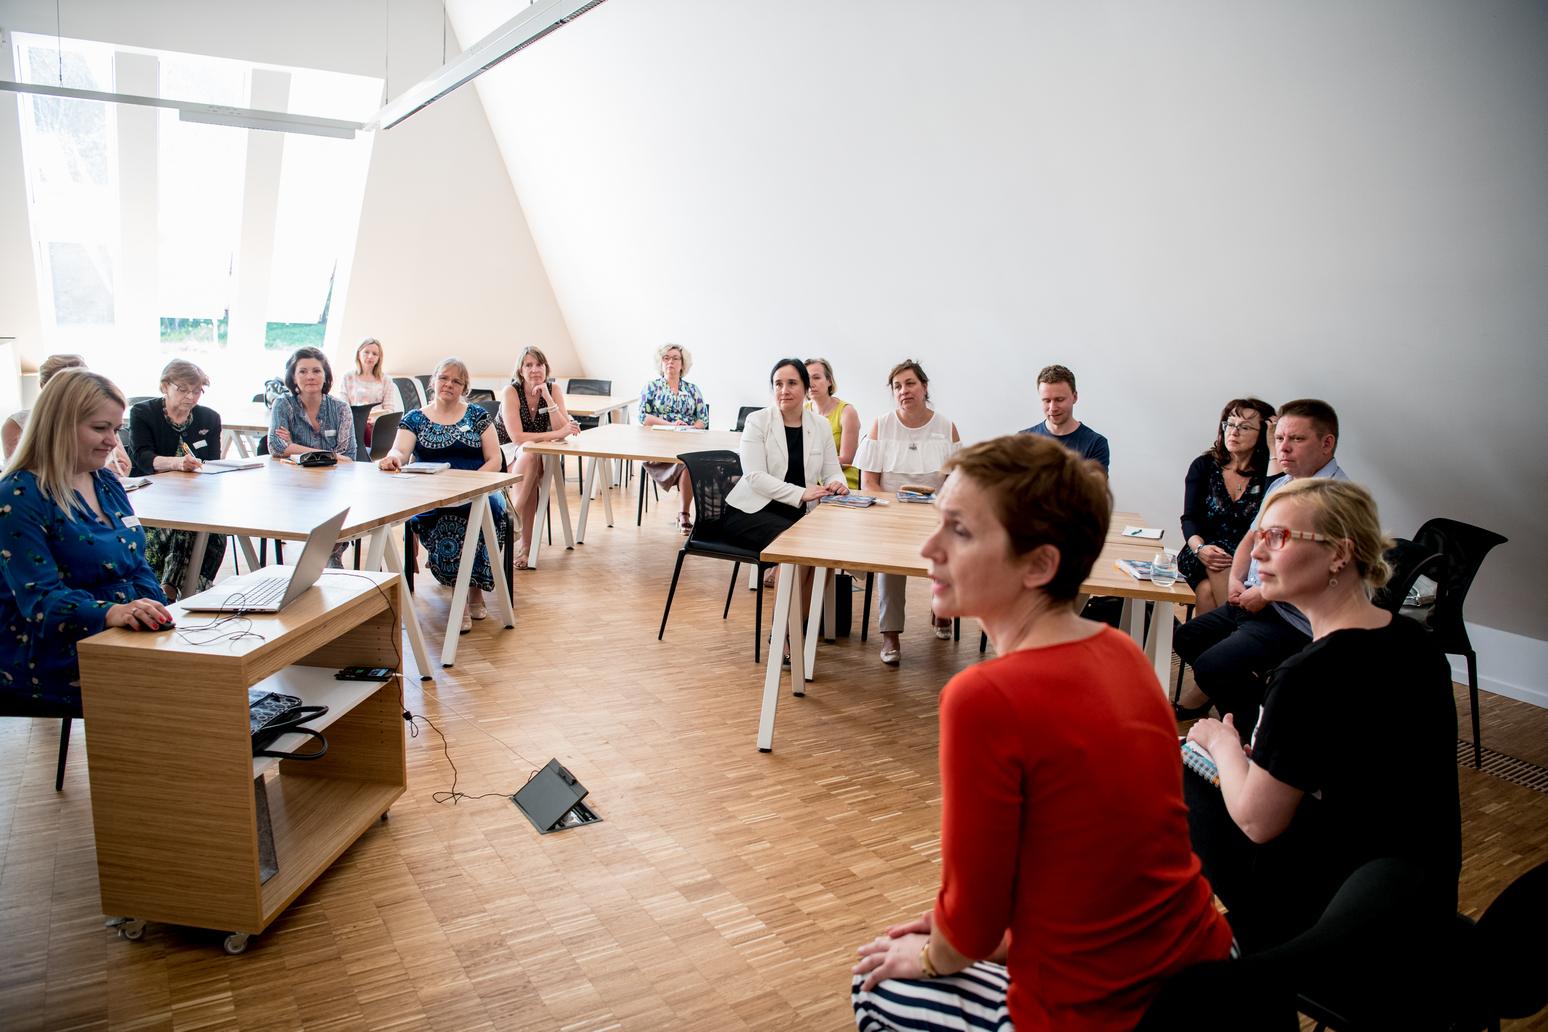 """IV koolitajate mittekonverents """"Õpi nagu filmis: koolitaja objektiivis"""" 15.05.2018. Koosõppmise arutelurühm. Eksperdid Katrin Aava ja Pille Slabina."""